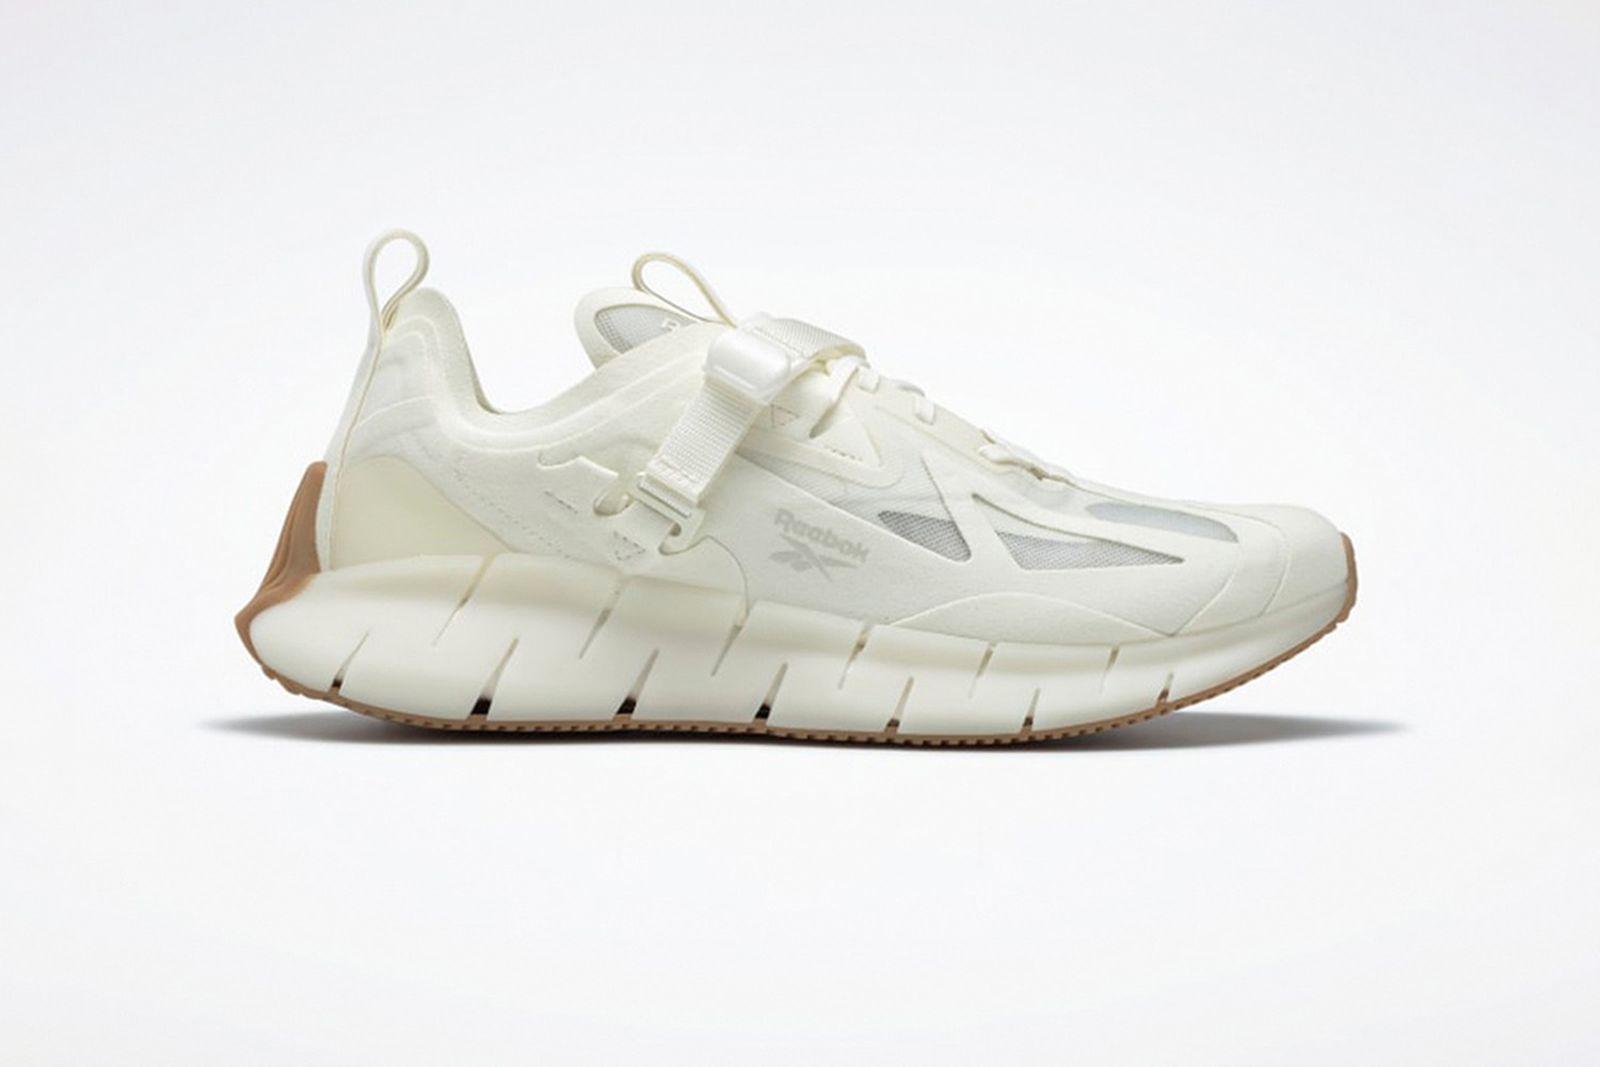 Reebok-Zig-Kinetica-white-sneakers-main